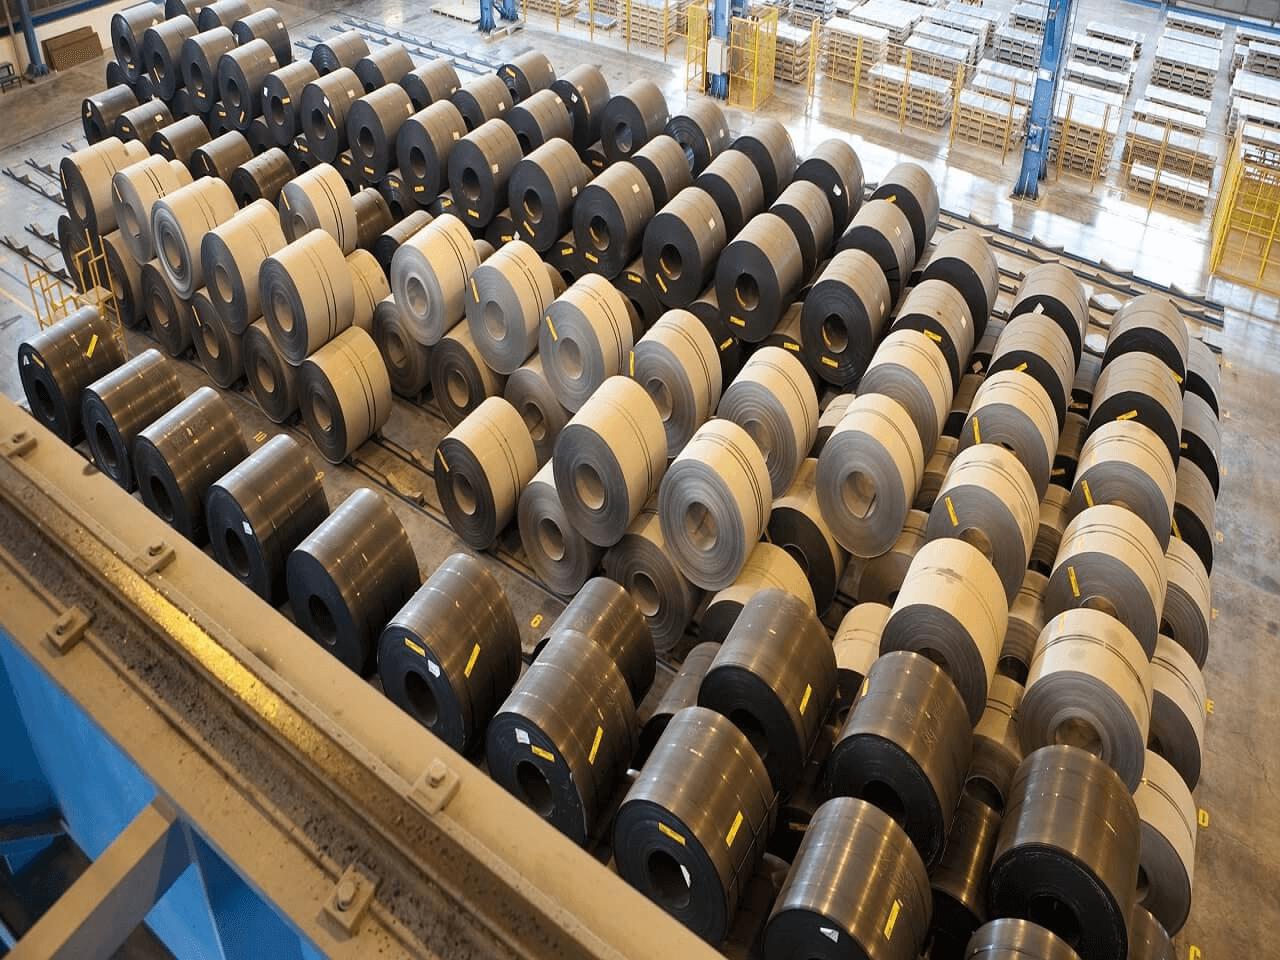 AB Soğuk Haddelenmiş Yassı Paslanmaz Çelik Ürünleri Anti-Damping Davası